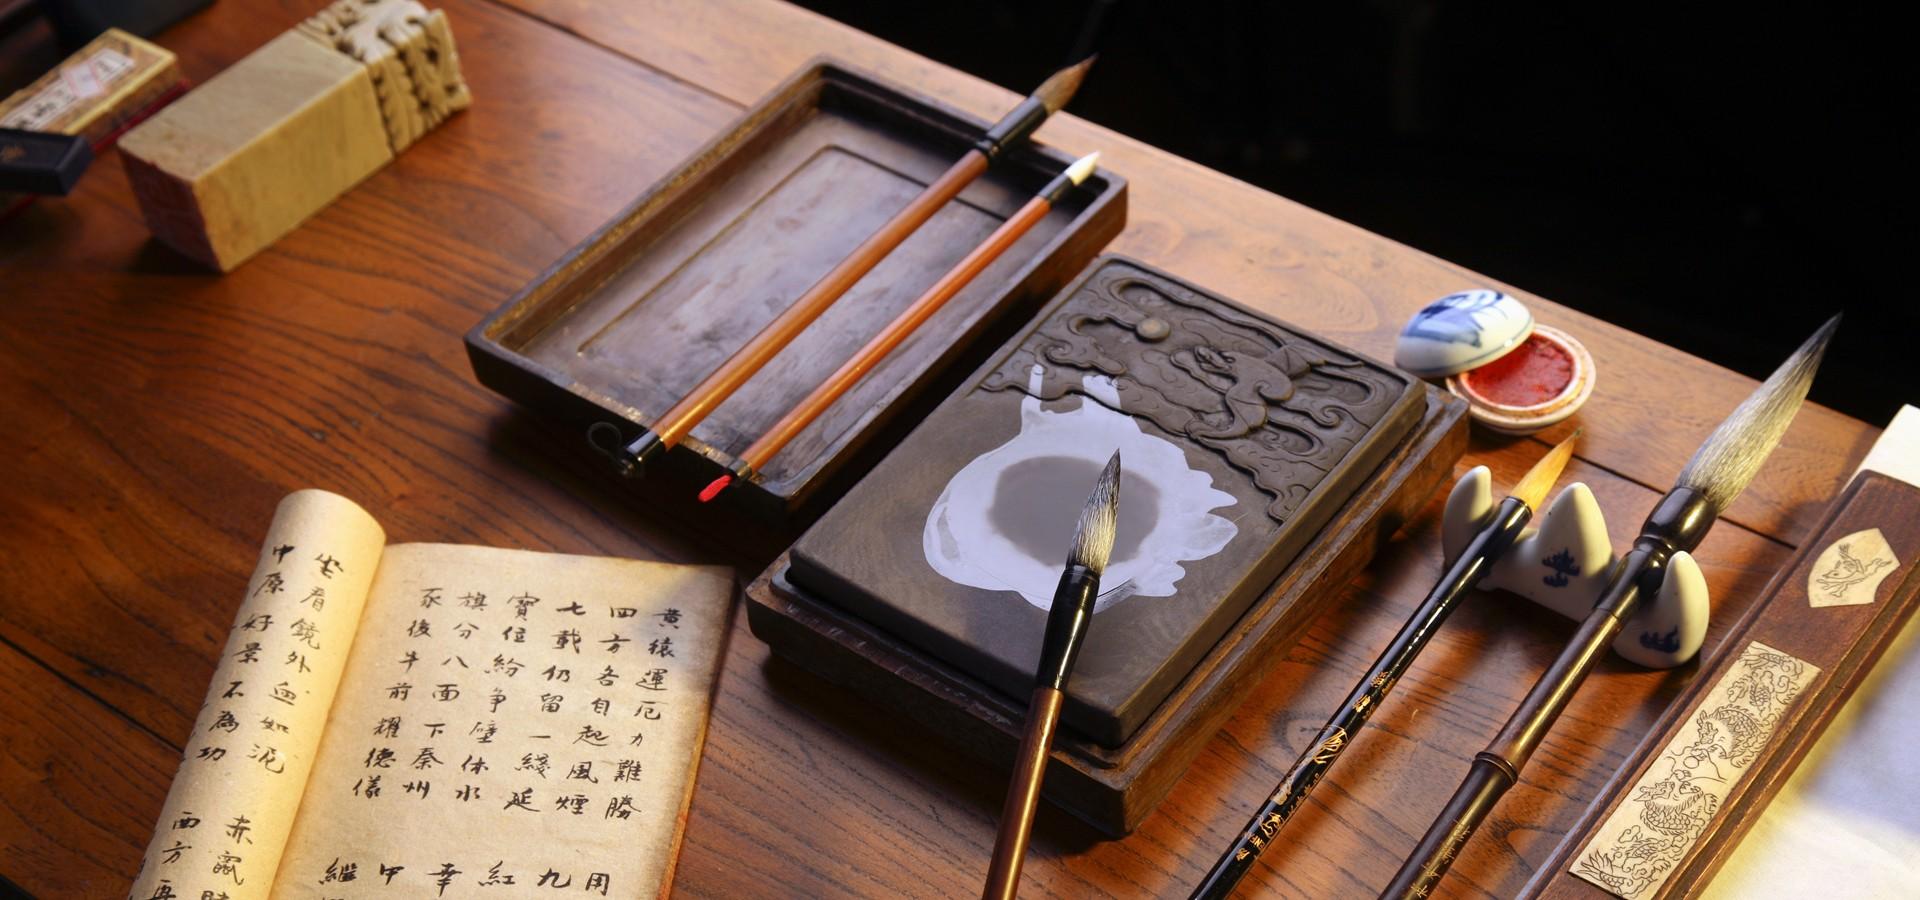 Oriental artistic utensils